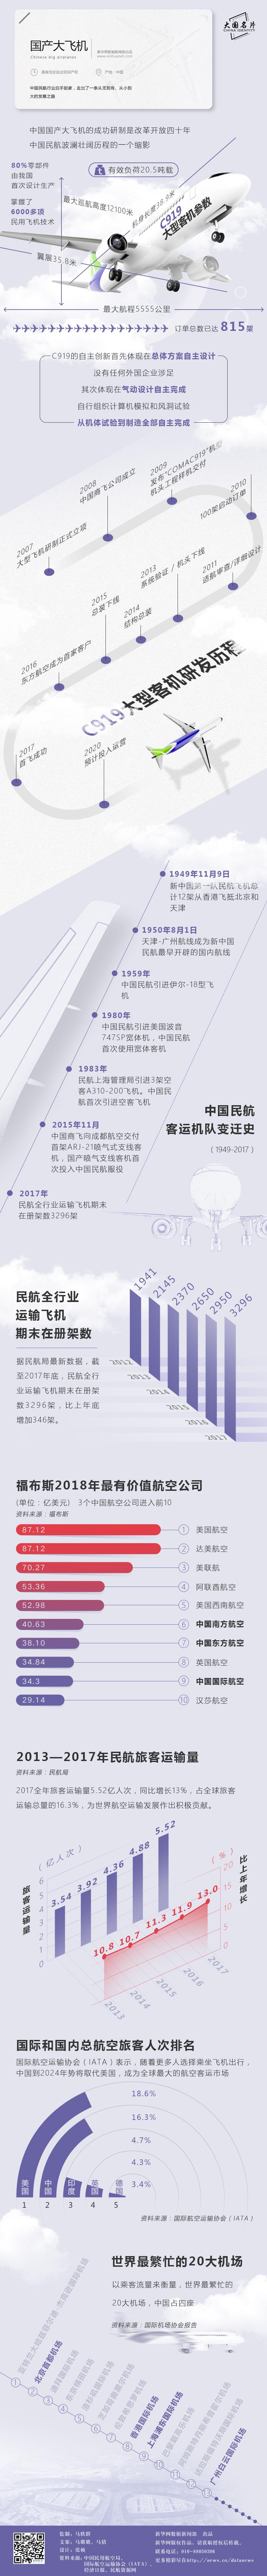 常识积累:改革开放40年-国产大飞机